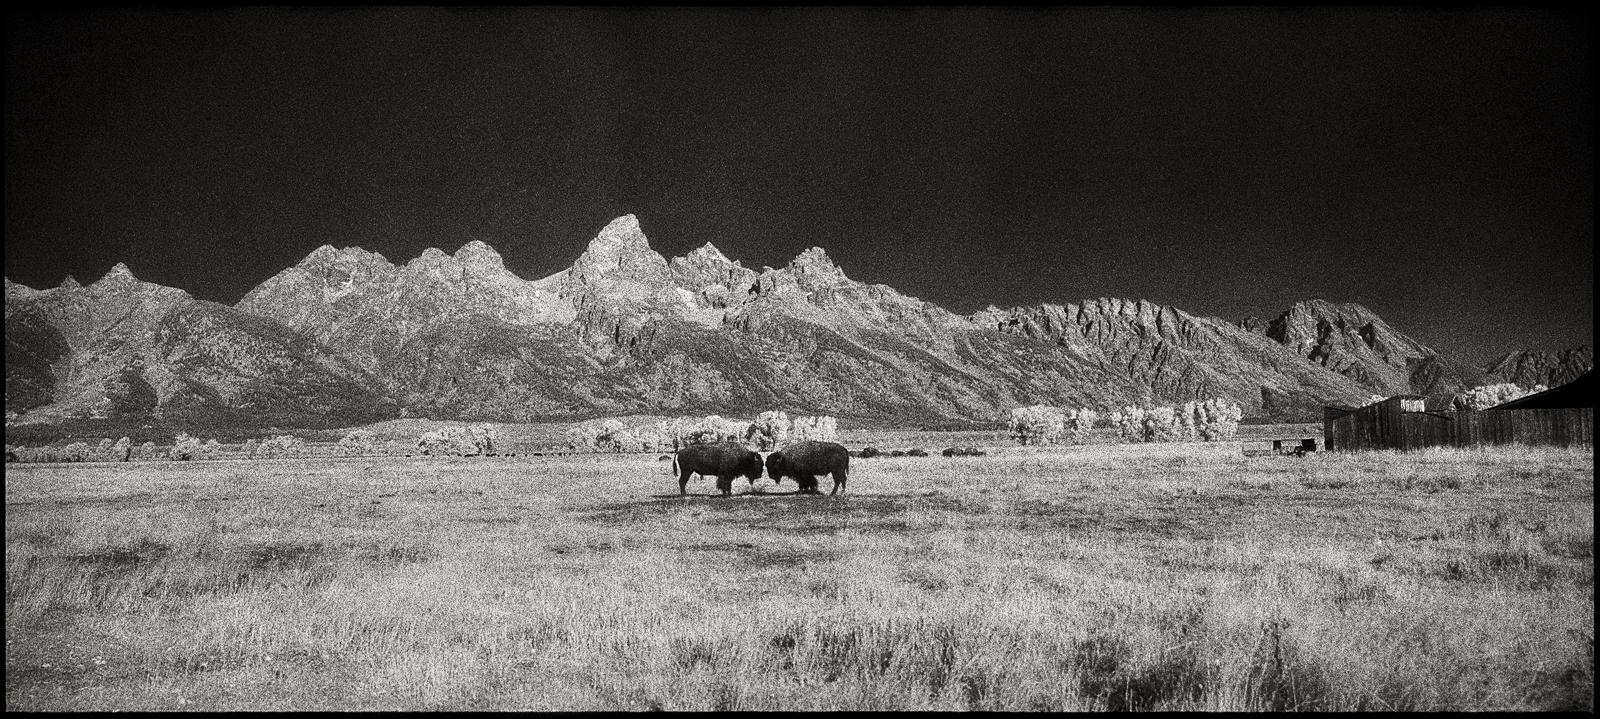 1 bison face off 2009.jpg